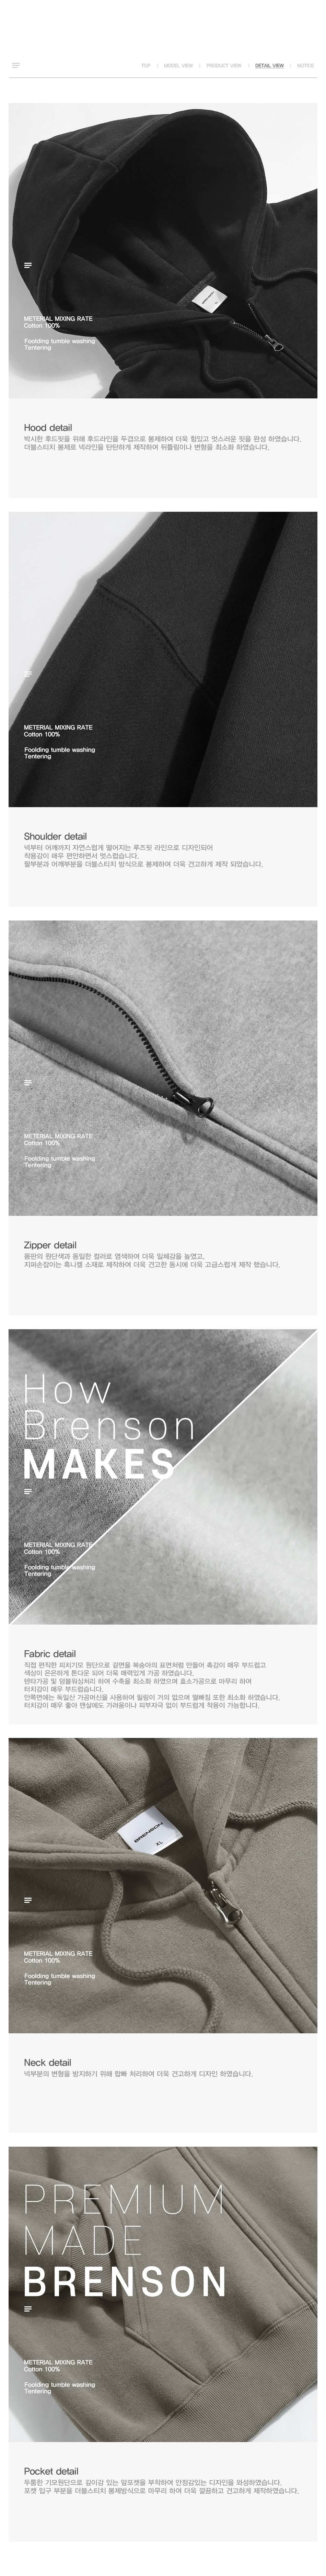 브렌슨(BRENSON) [패키지] essential 더블 피치 오버핏 후드집업